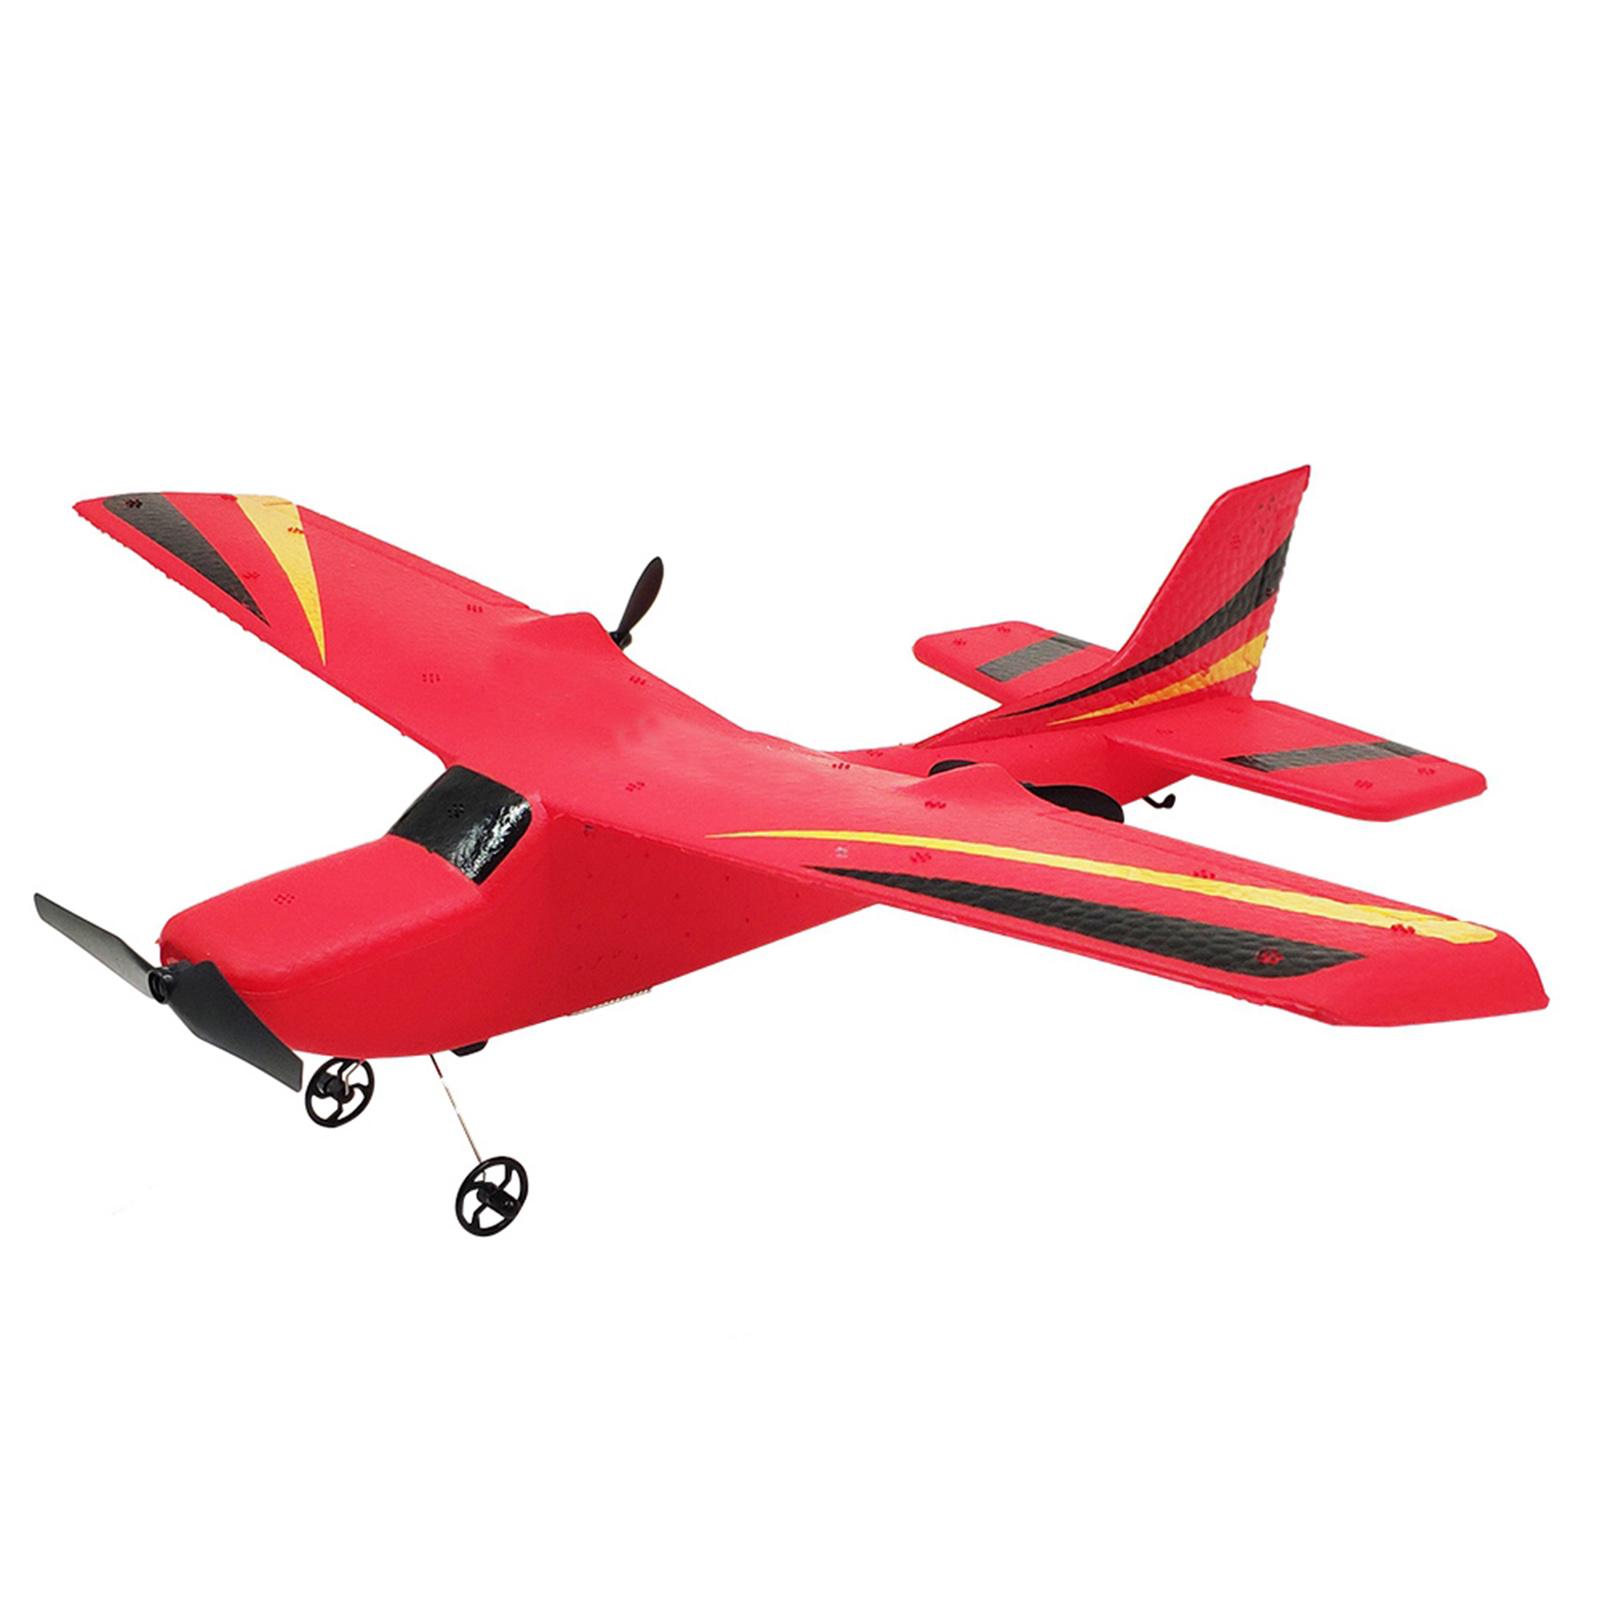 miniatura 14 - 2.4G ZC-Z50 Telecomando Aereo Aliante EPP ala fissa modello di velivolo radiocomandato giocattolo